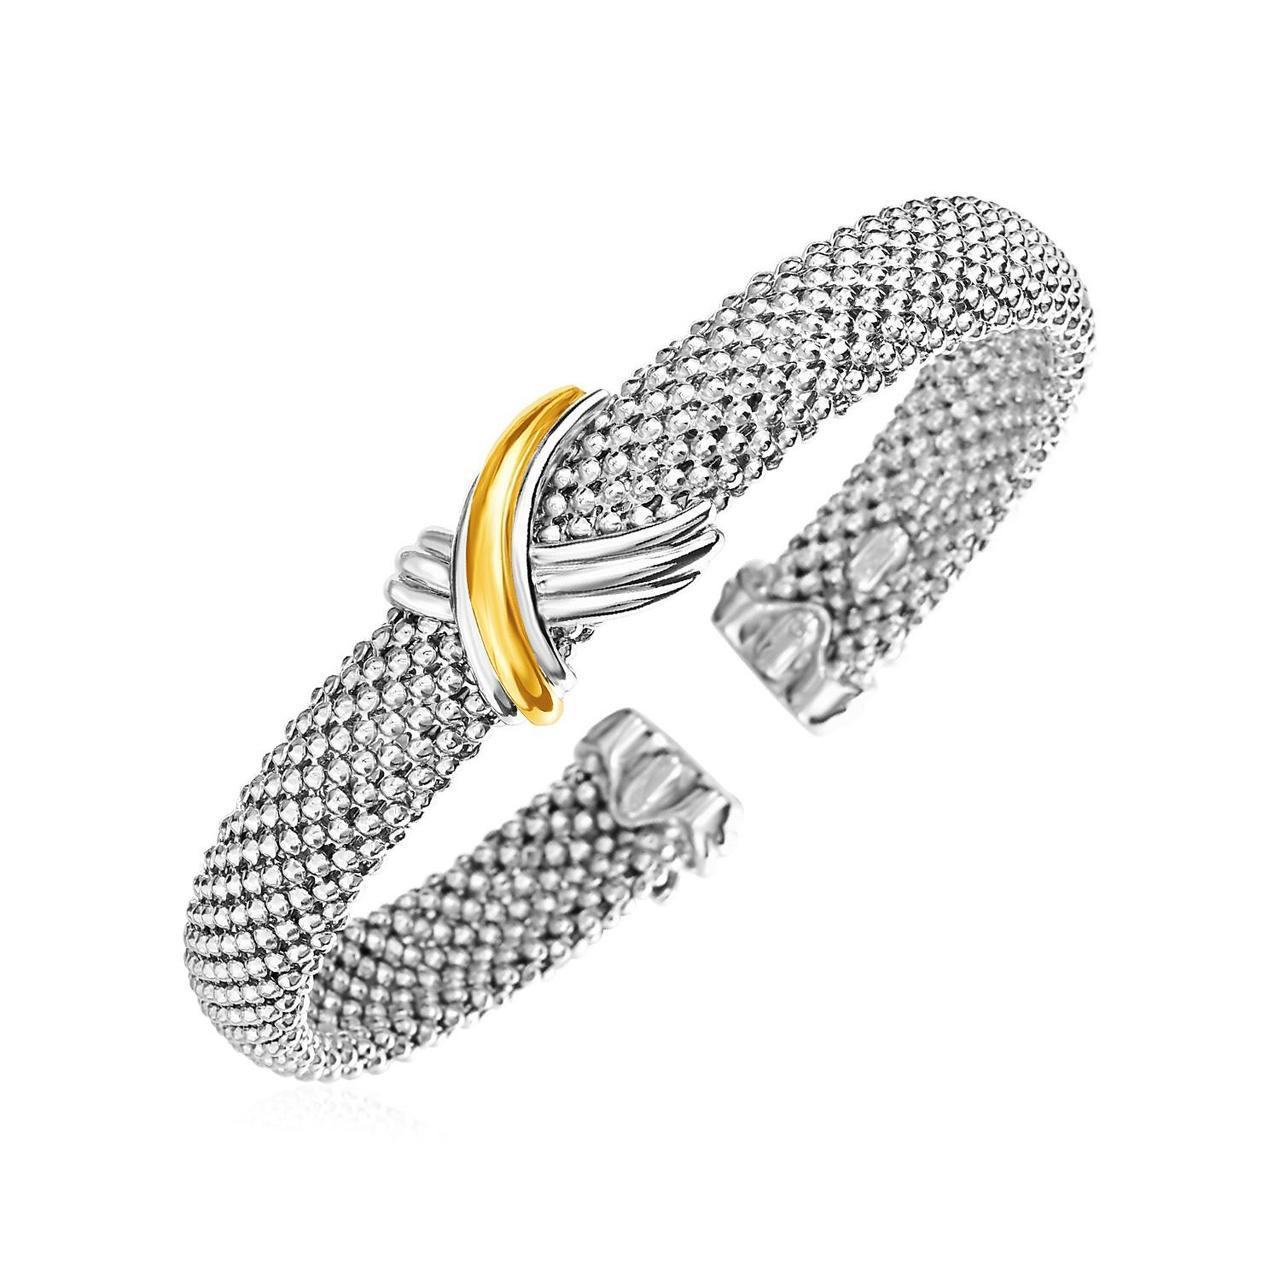 6333e148f84 Phillip Gavriel Womens Popcorn X Motif Cuff Bracelet in Sterling Silver and  18k